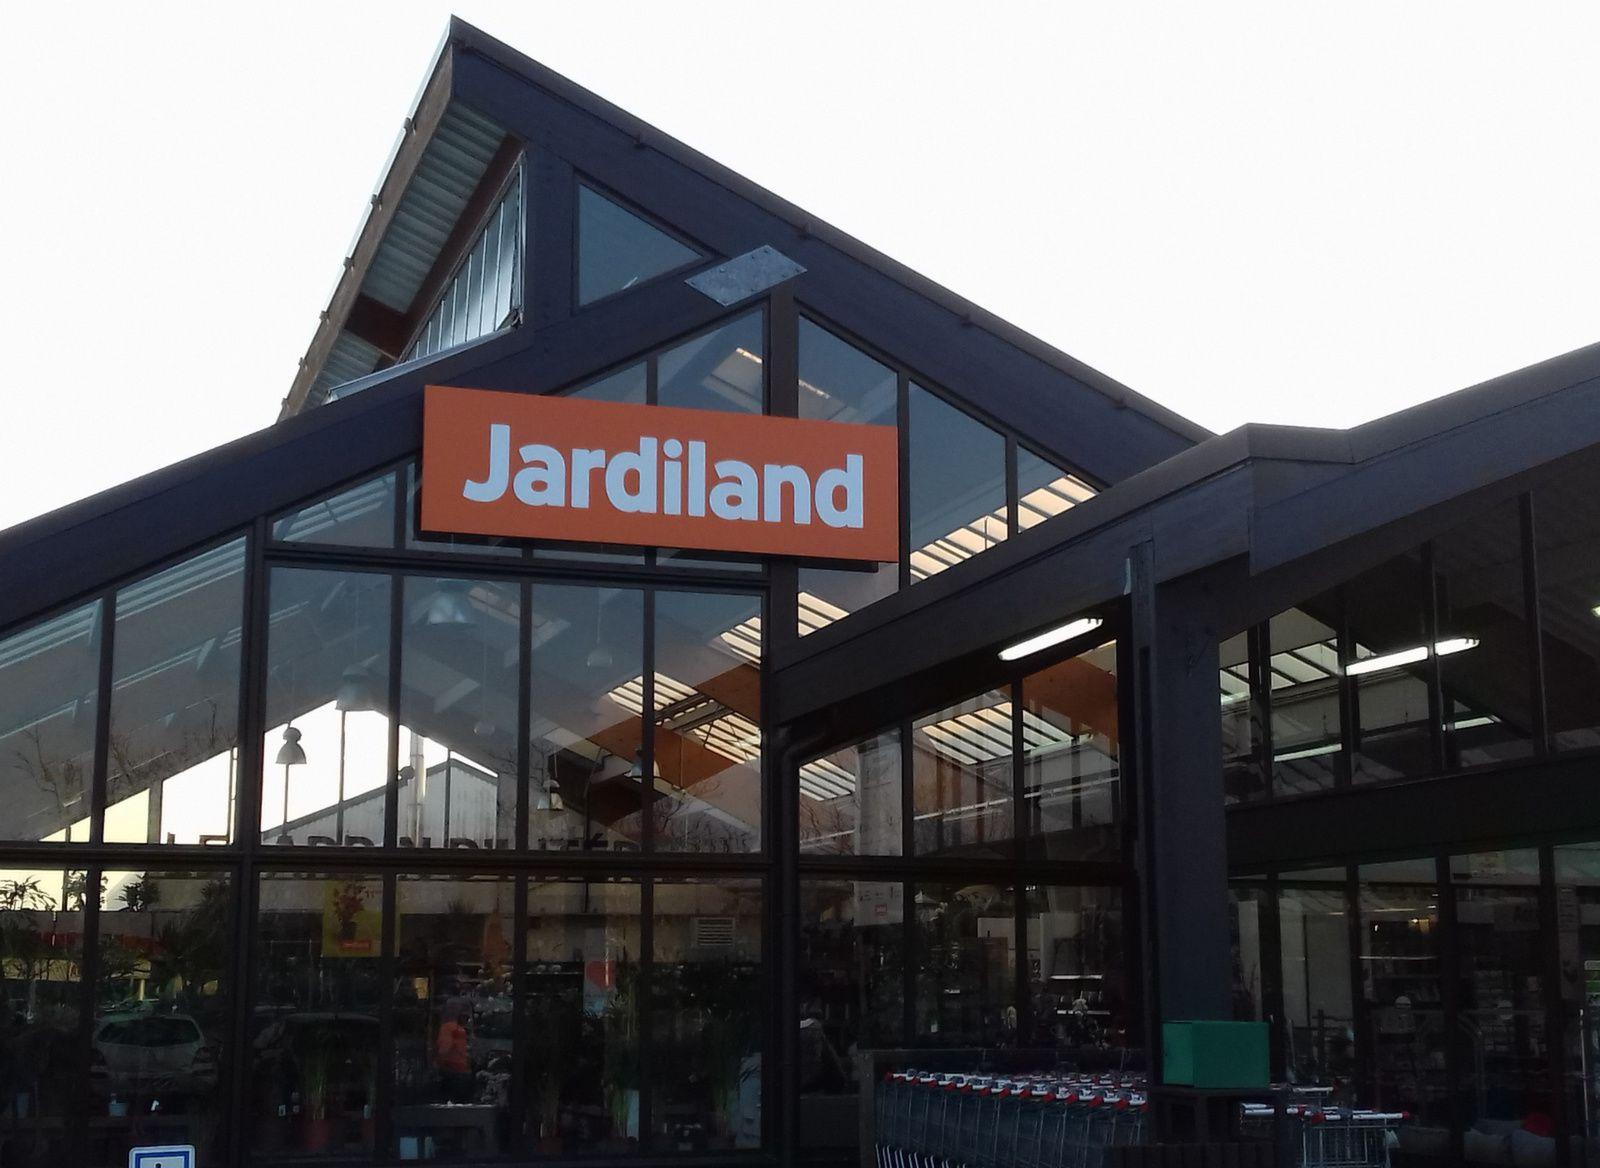 Jardiland saumur distre maine et loire - Parasol deporte jardiland ...